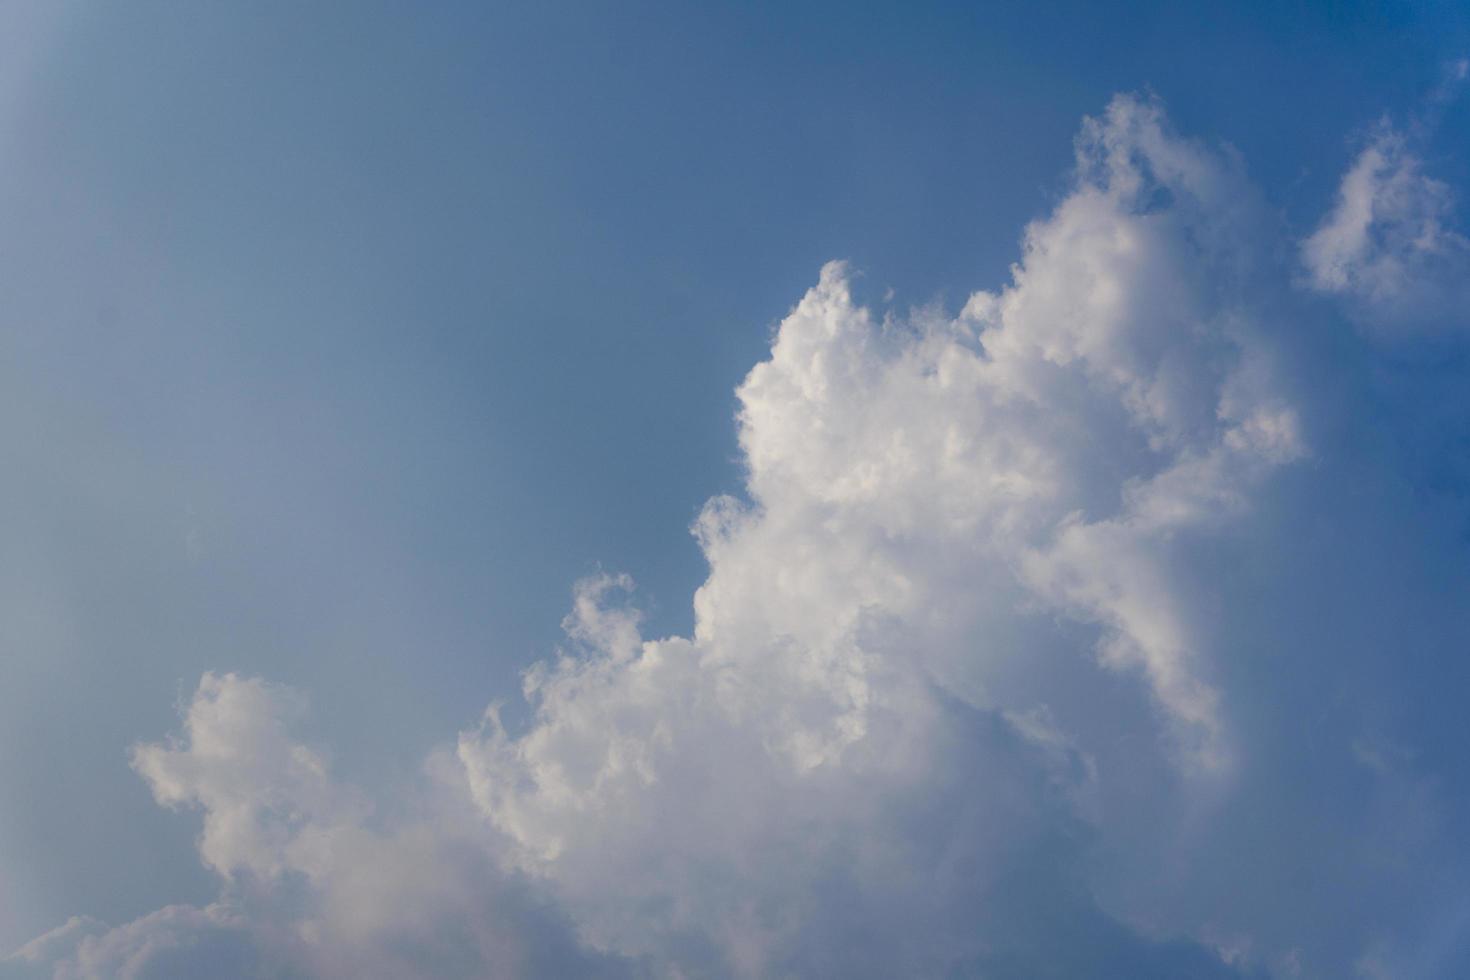 la vue des nuages blancs flottant dans le ciel photo